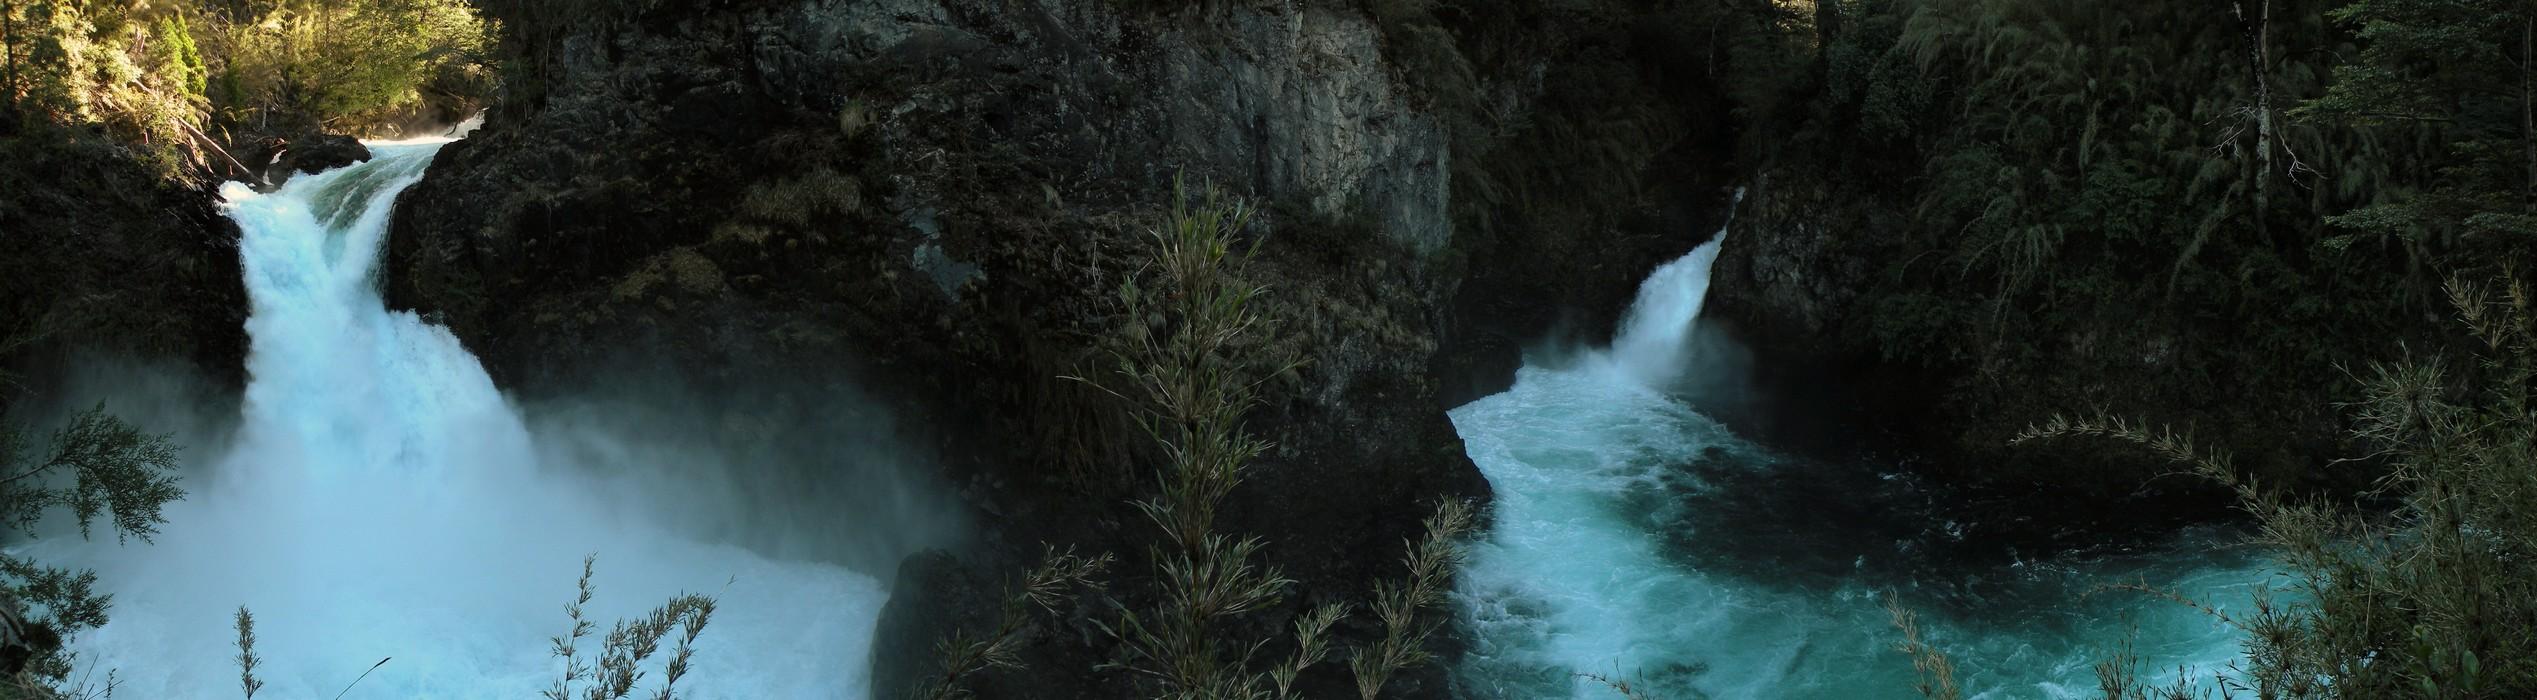 Cascade Los Alerces - Parc Nahuel Huapi - Bariloche